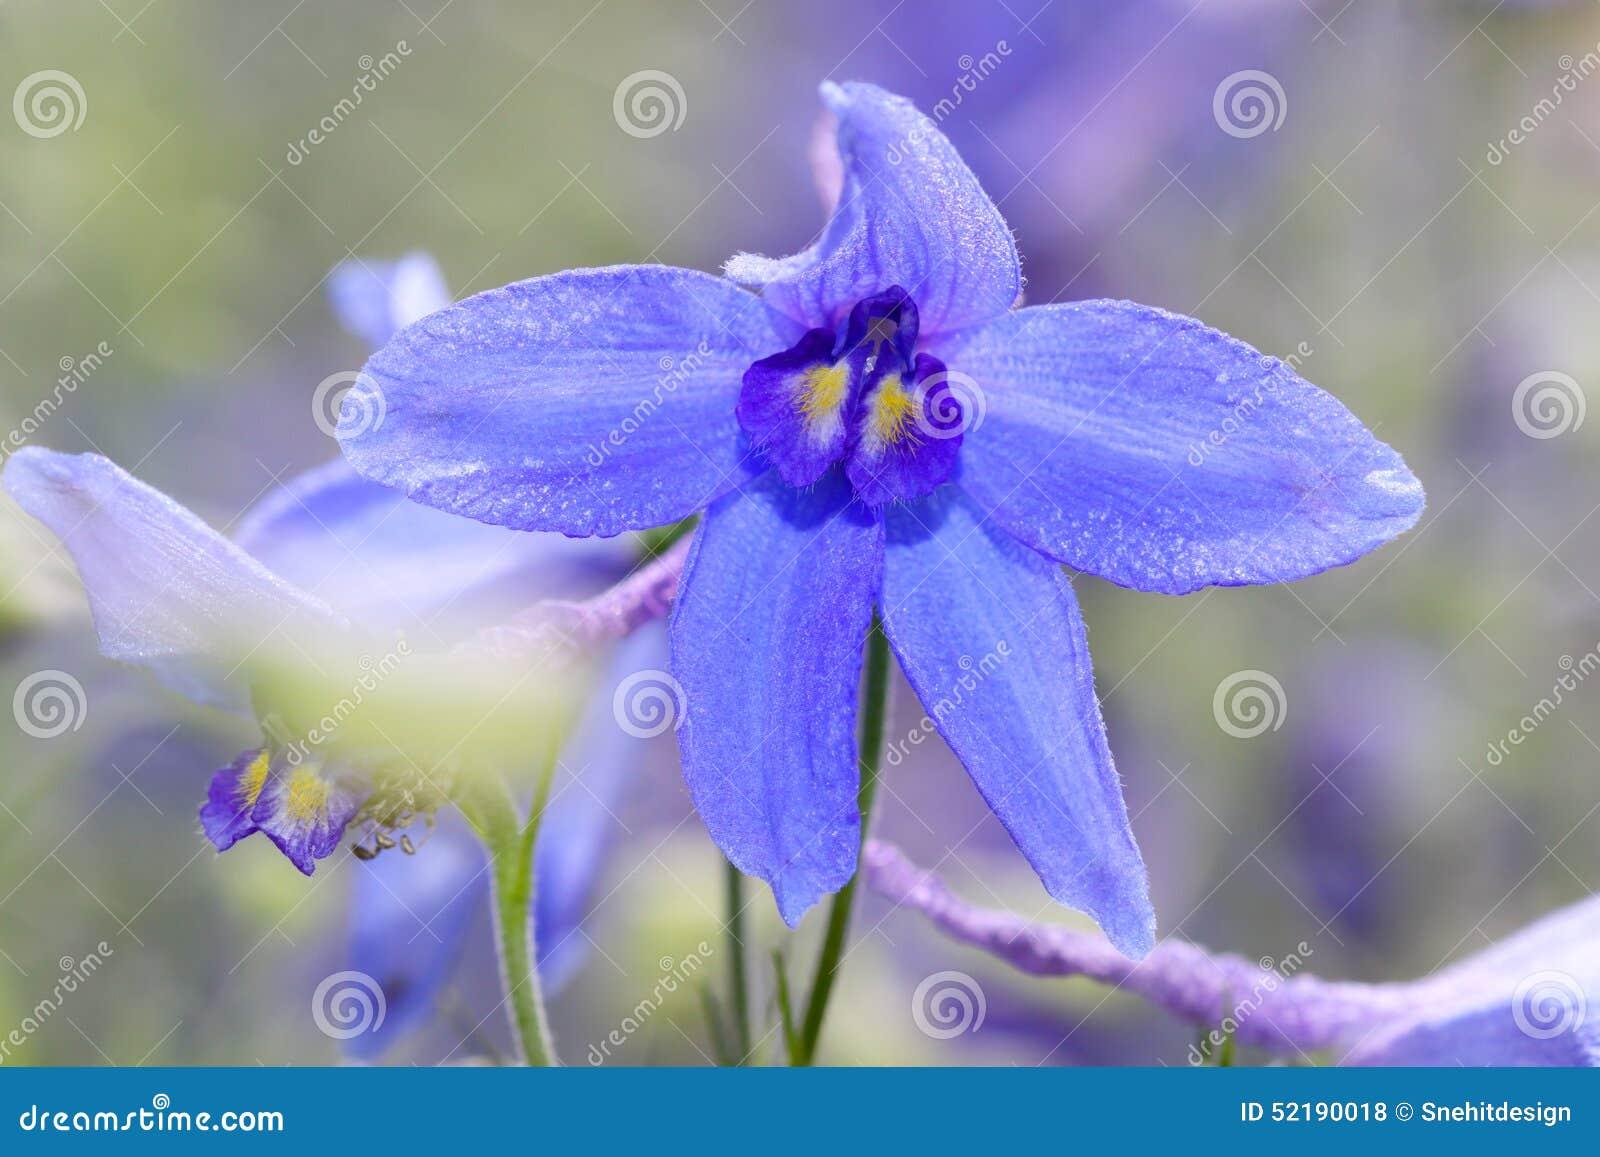 De bloem van de iris